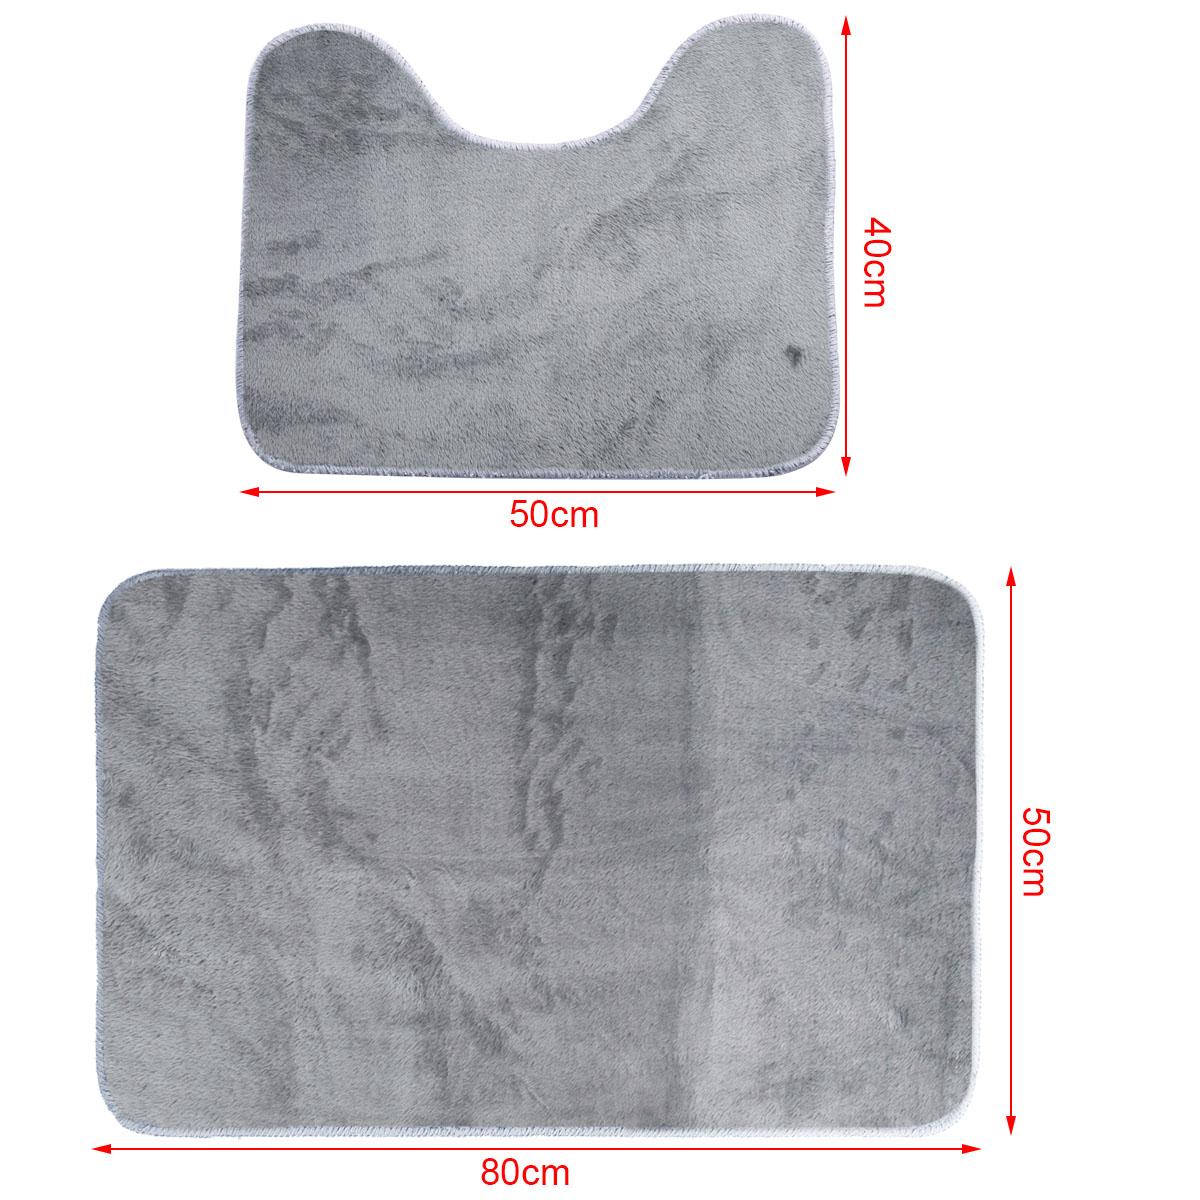 2er set grau badvorleger badematte badteppich badezimmer teppich wc vorleger ebay. Black Bedroom Furniture Sets. Home Design Ideas